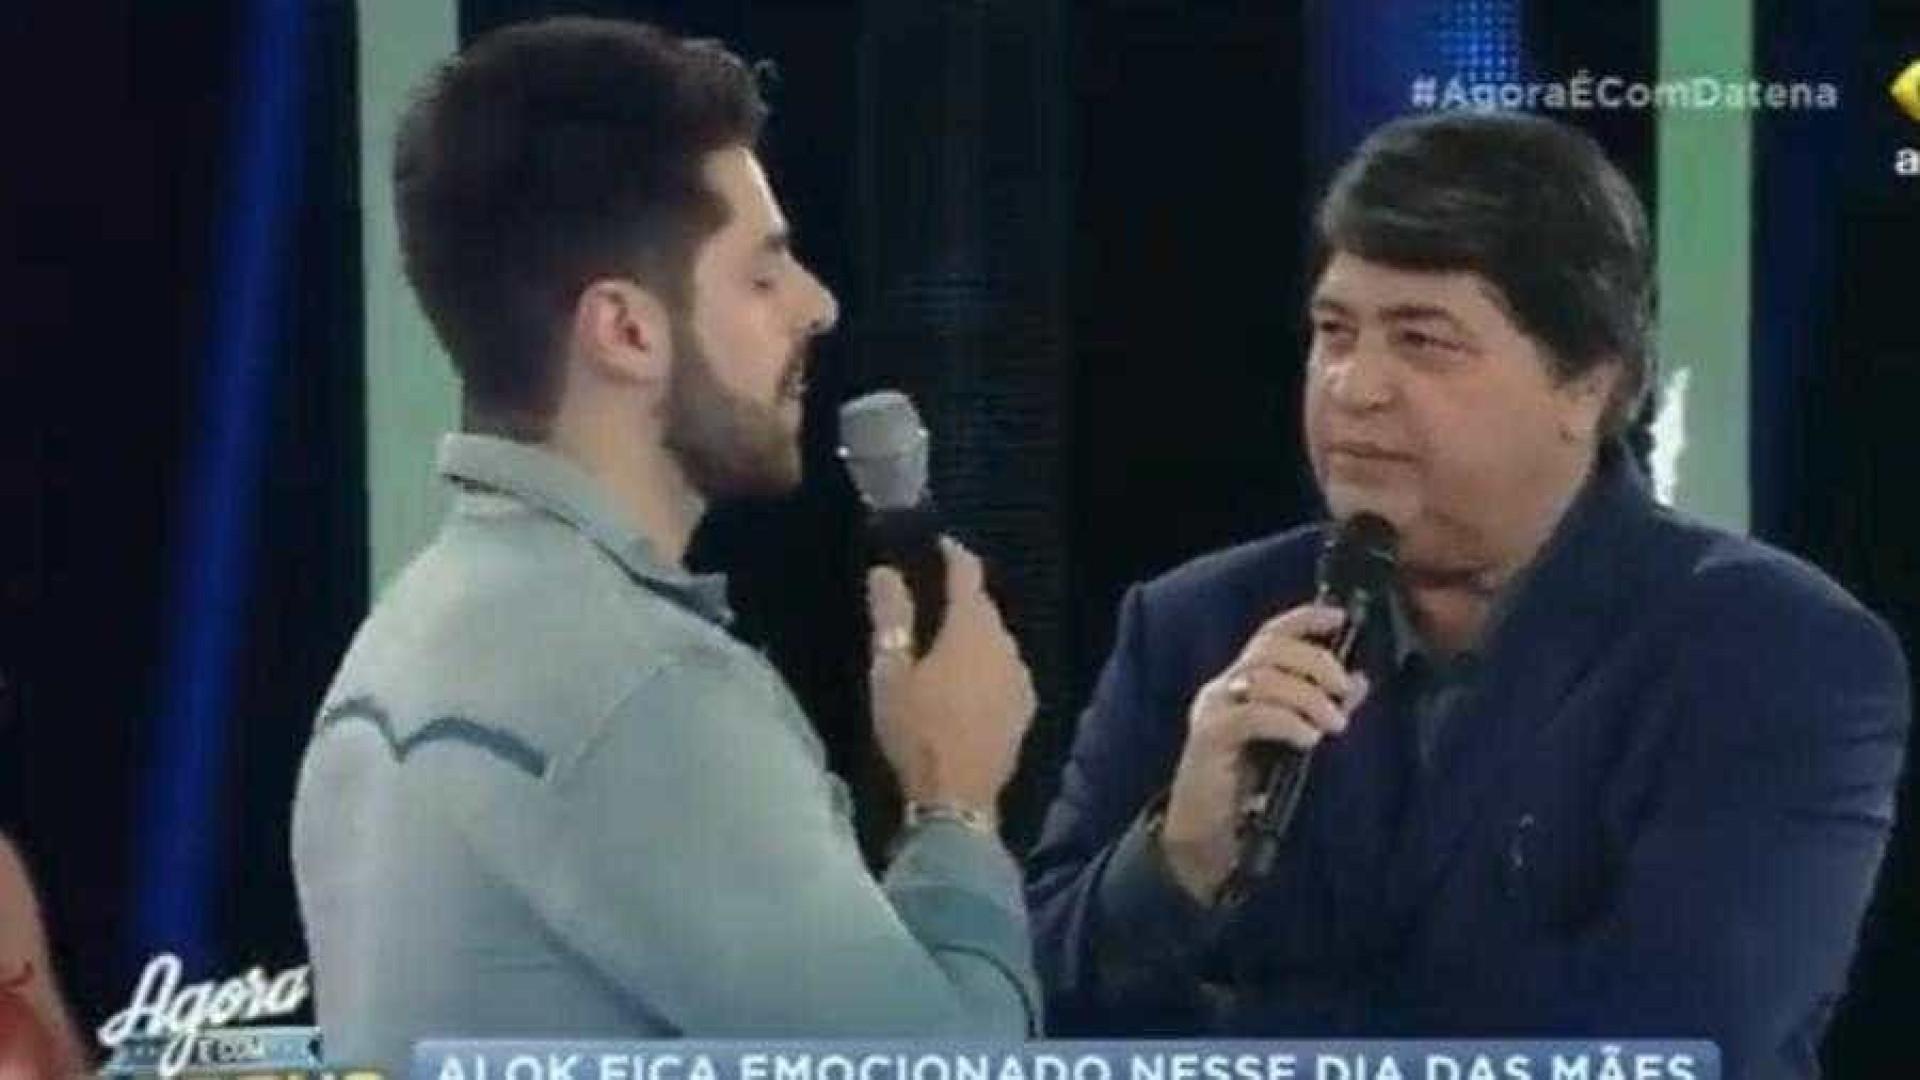 Datena deixa Alok desconcertado durante entrevista em programa